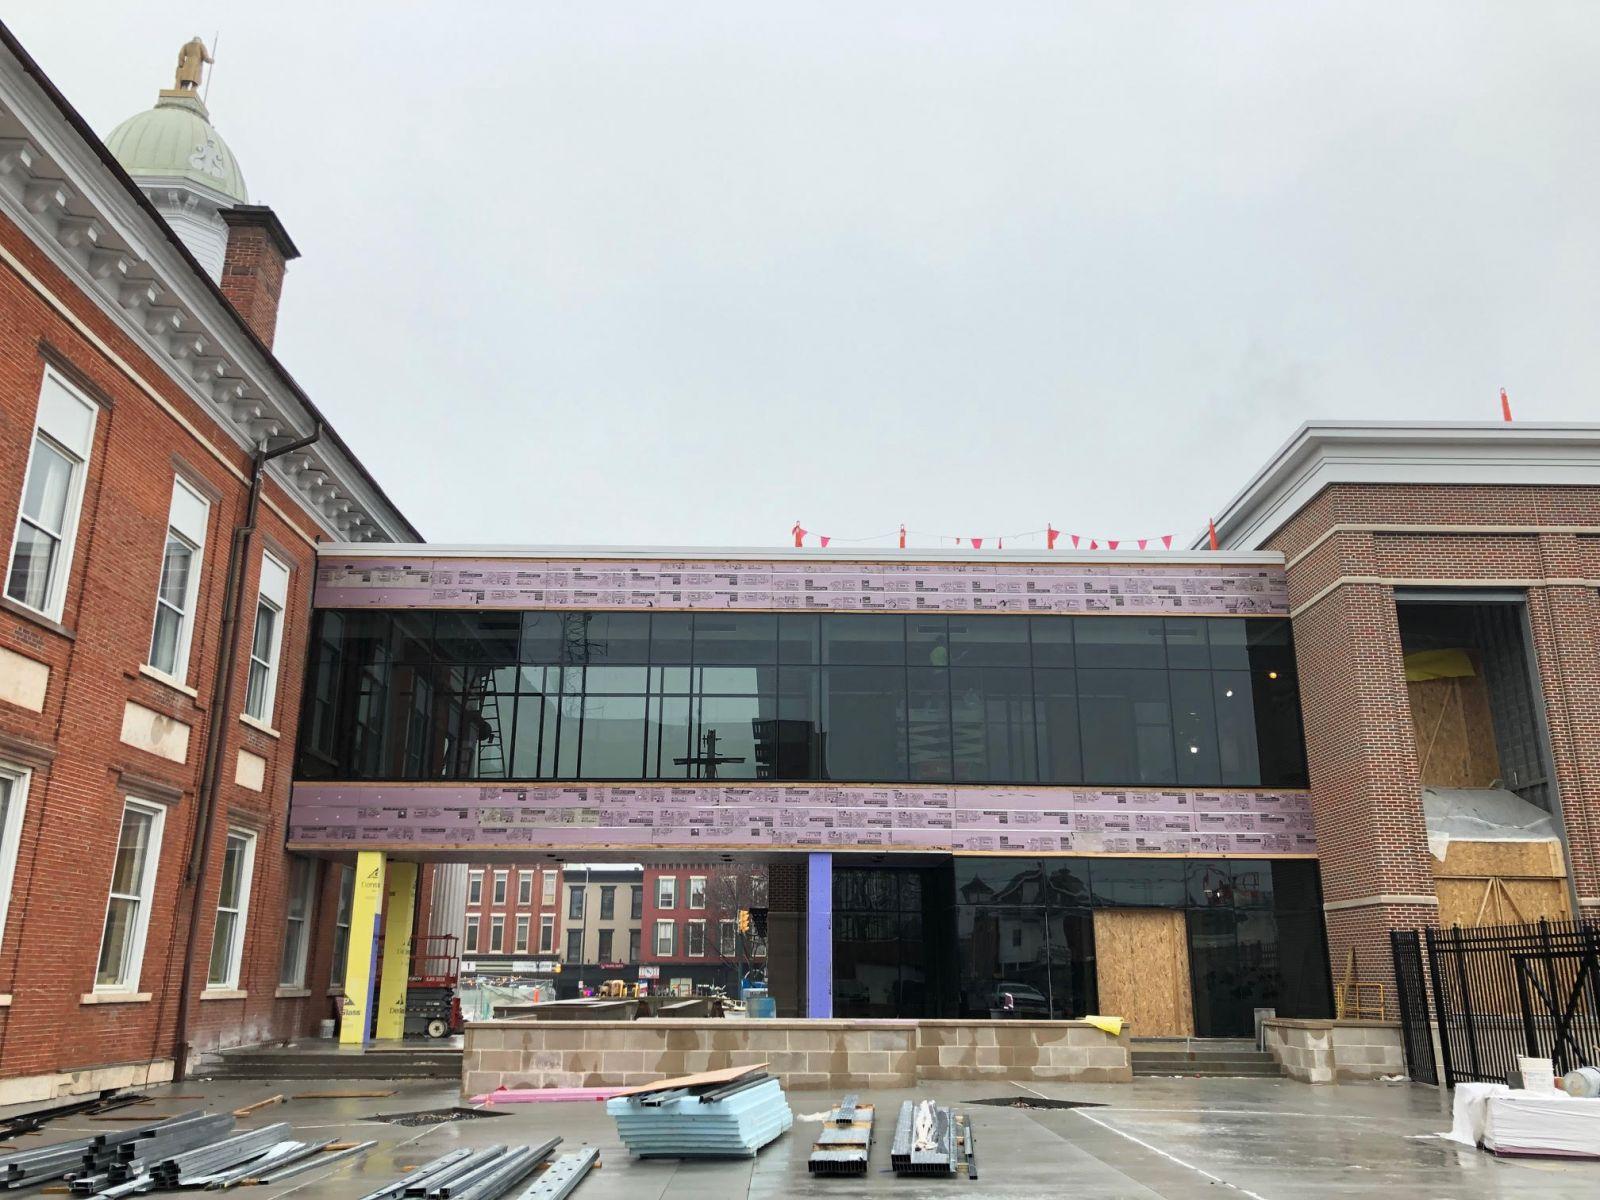 Judicial Center walkway, exterior, 1-26-2021